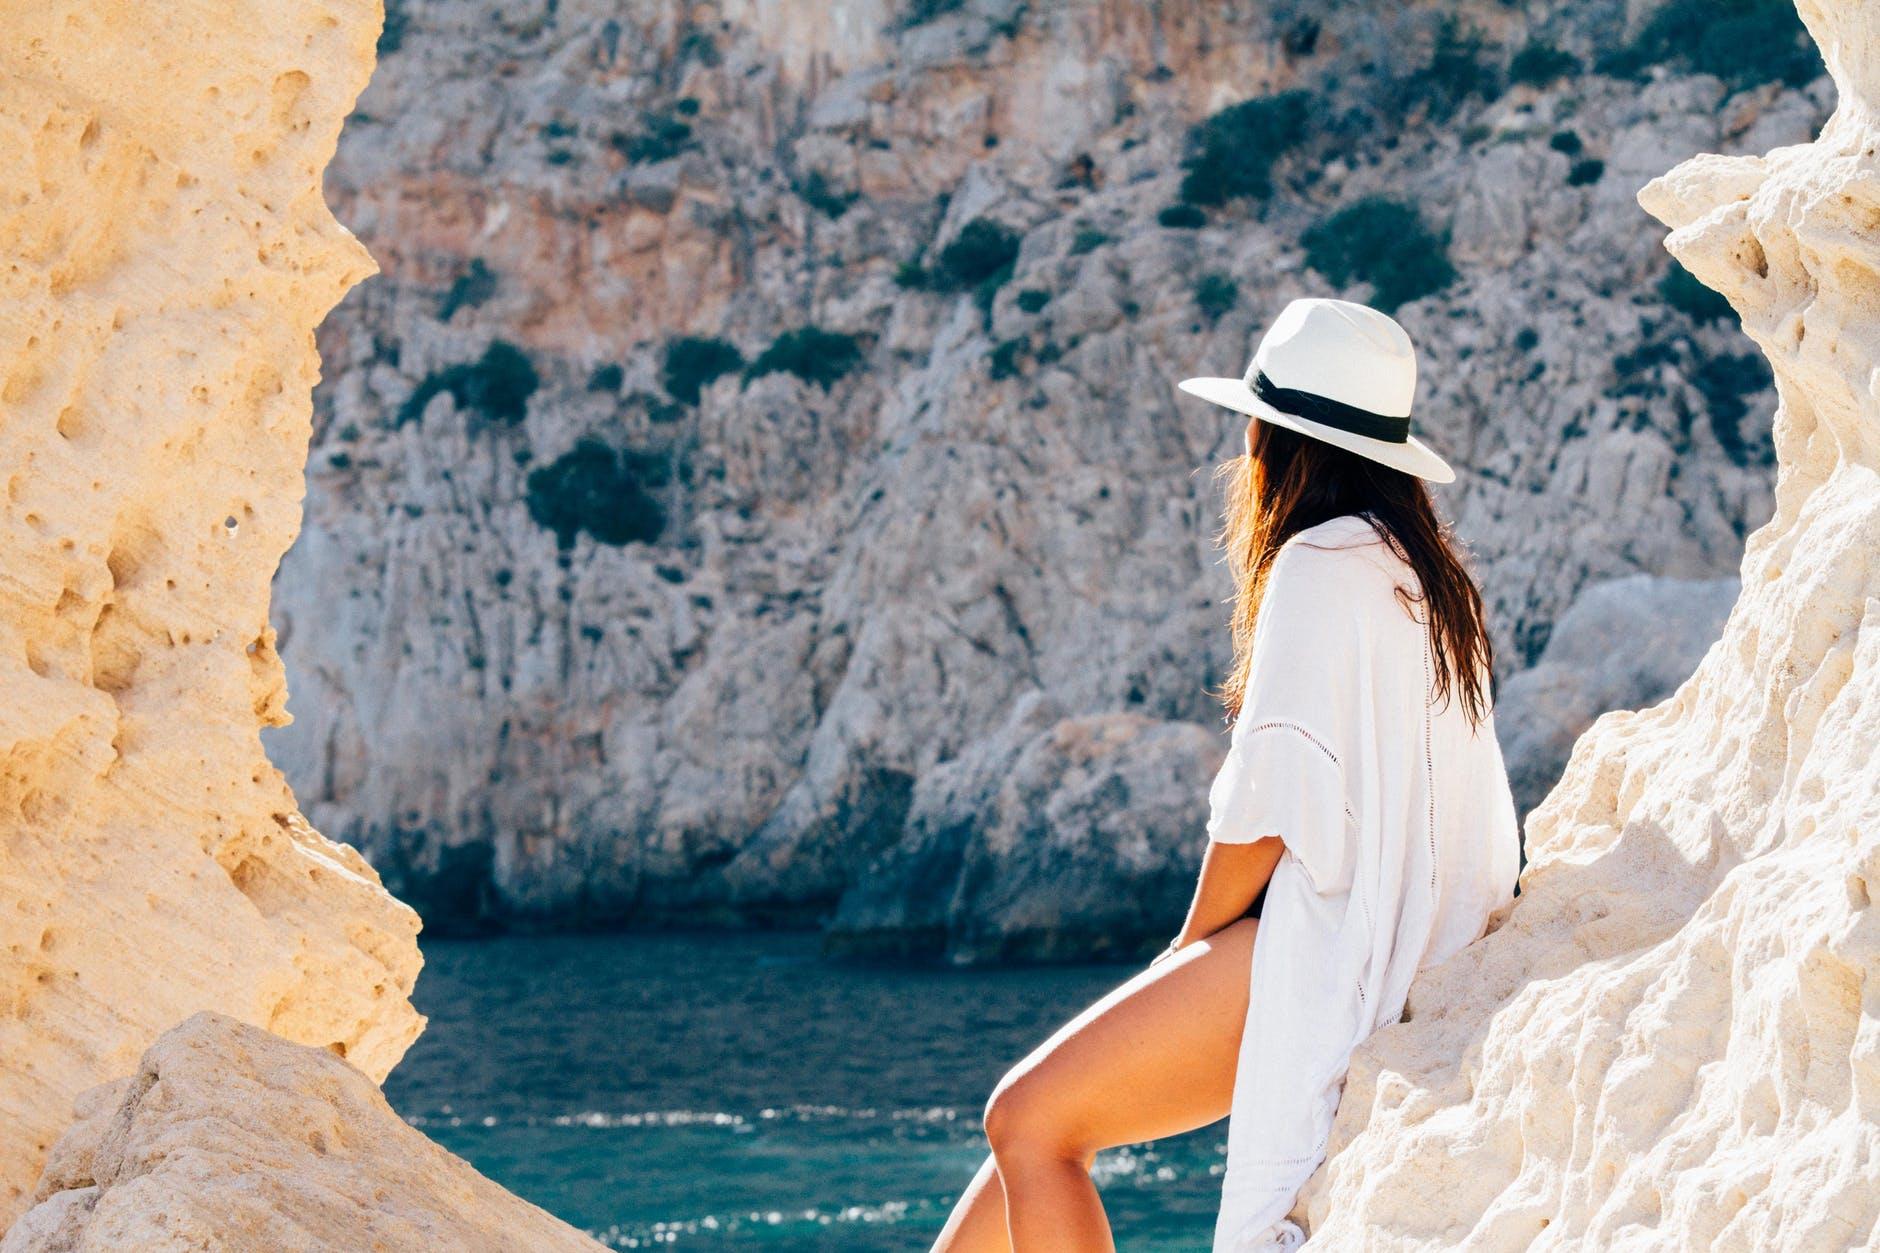 Đi biển mặc gì đẹp